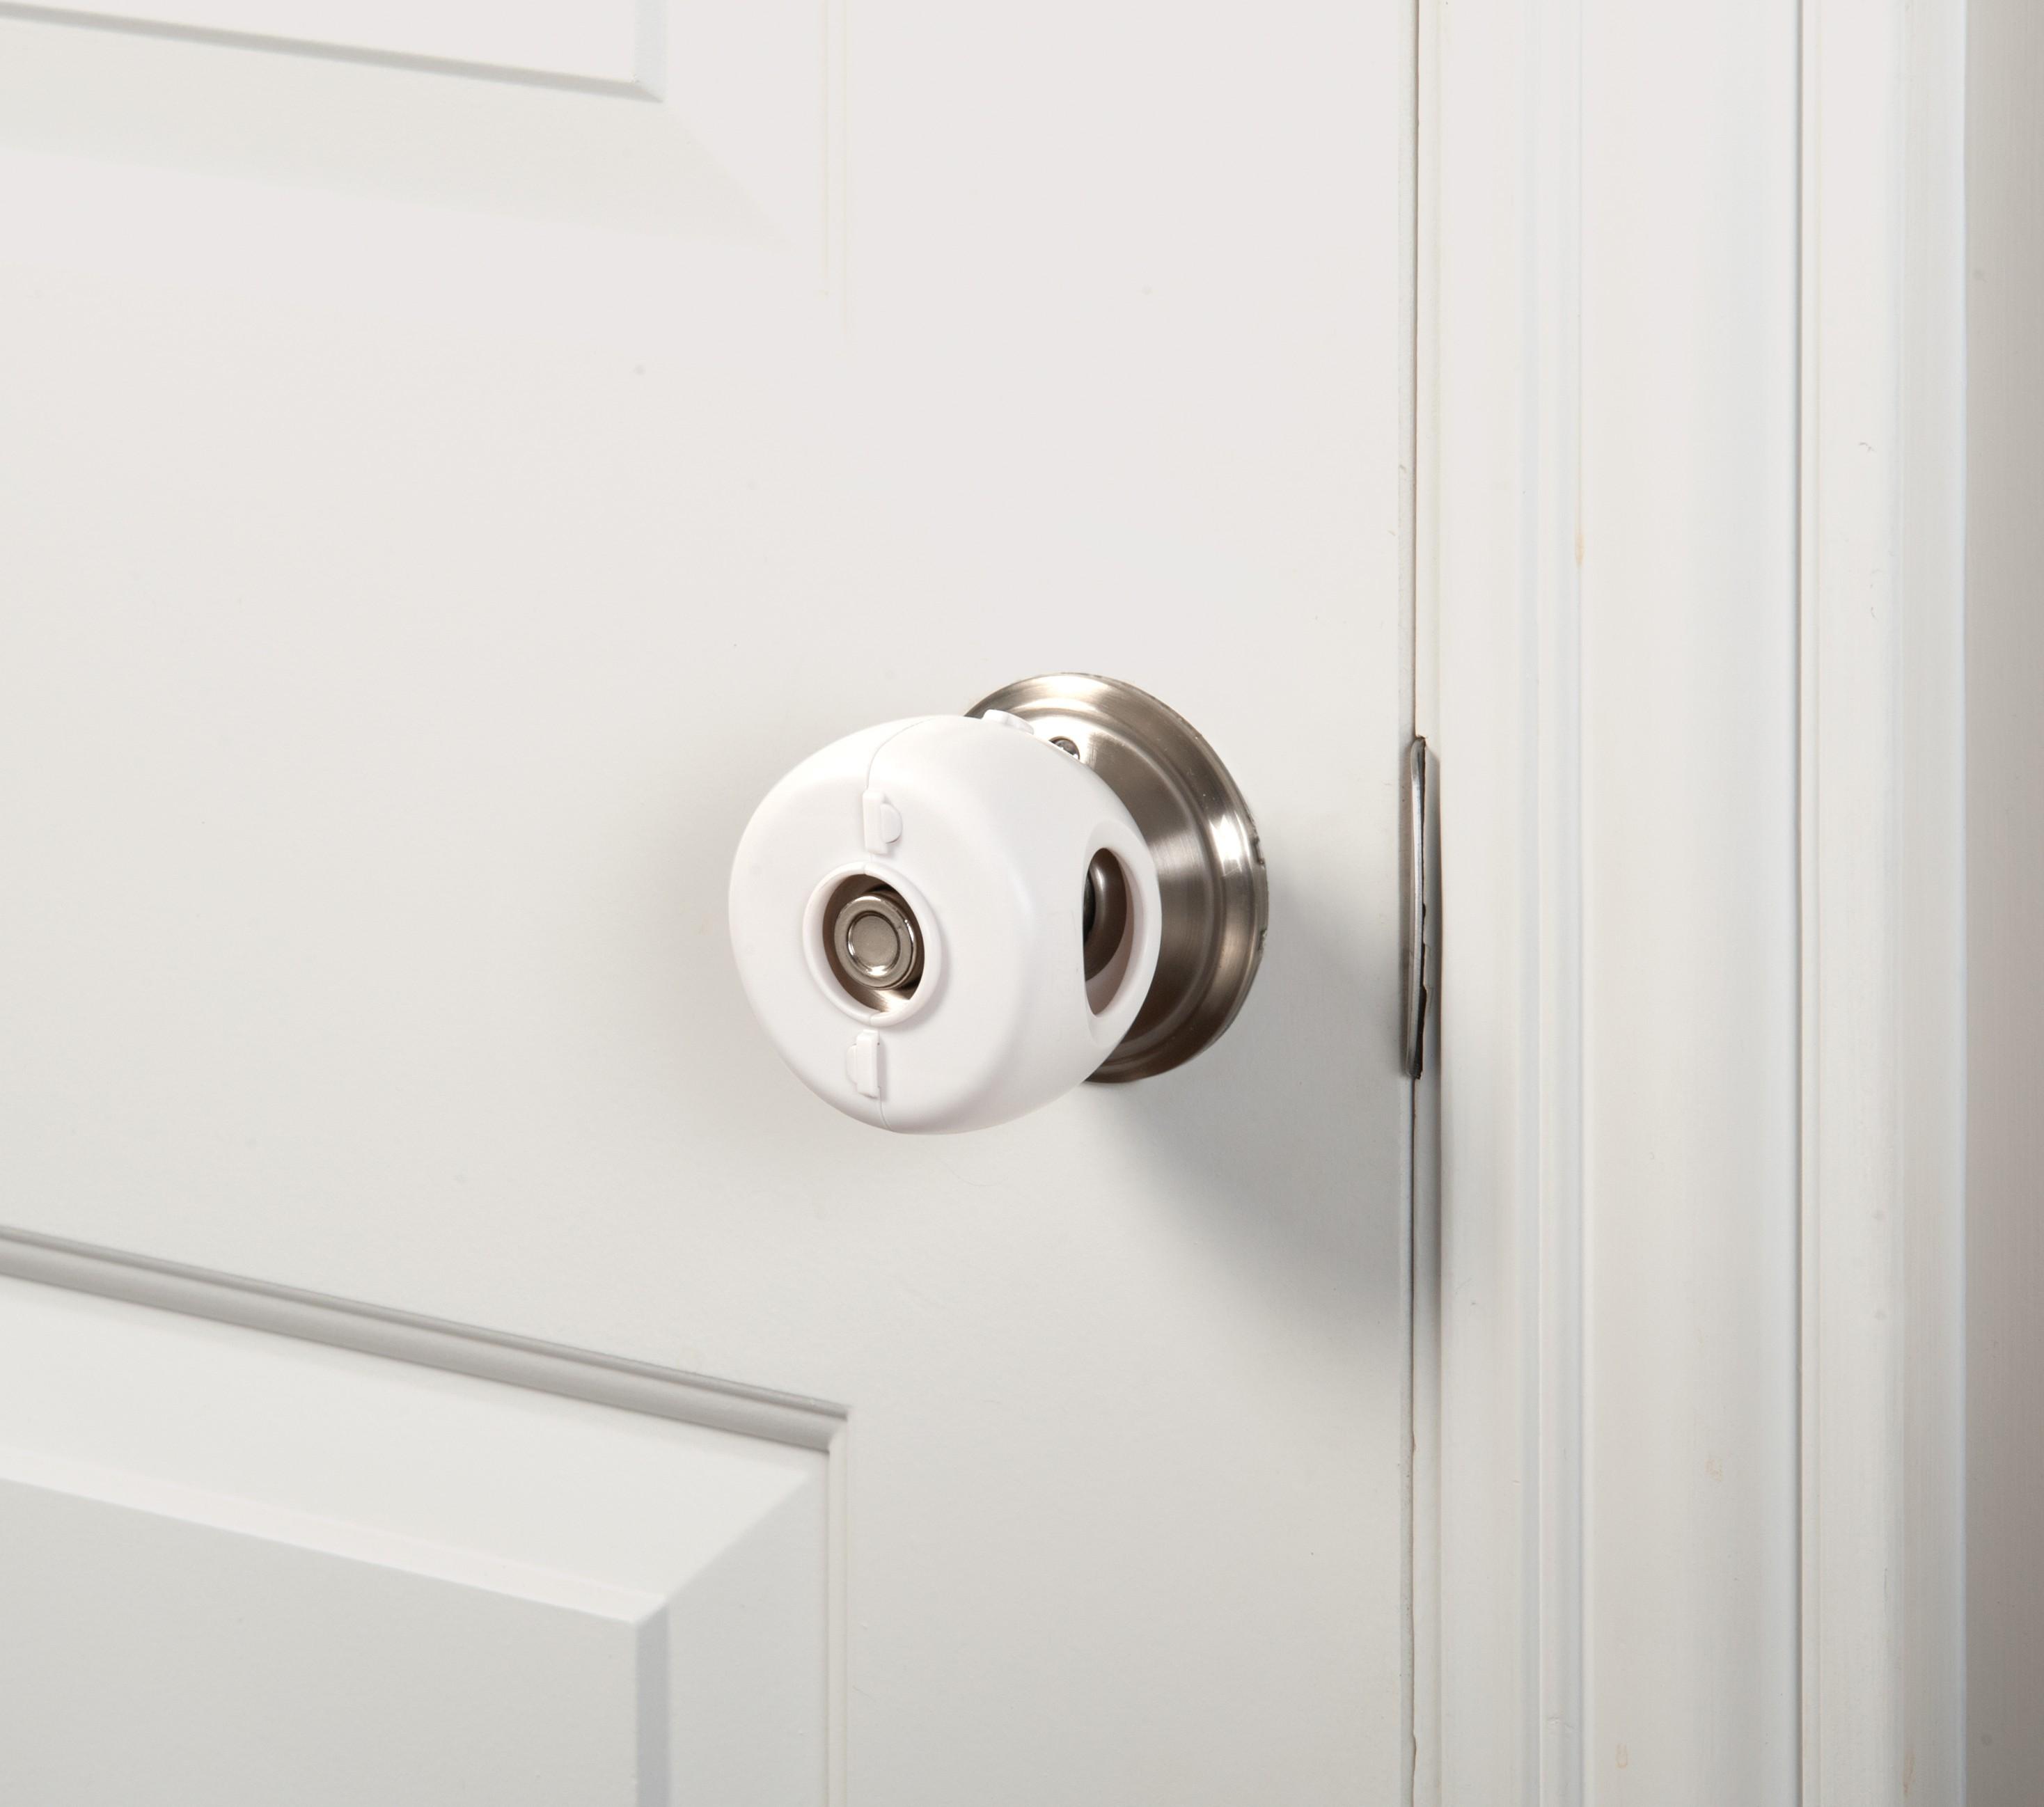 door knob covers photo - 20